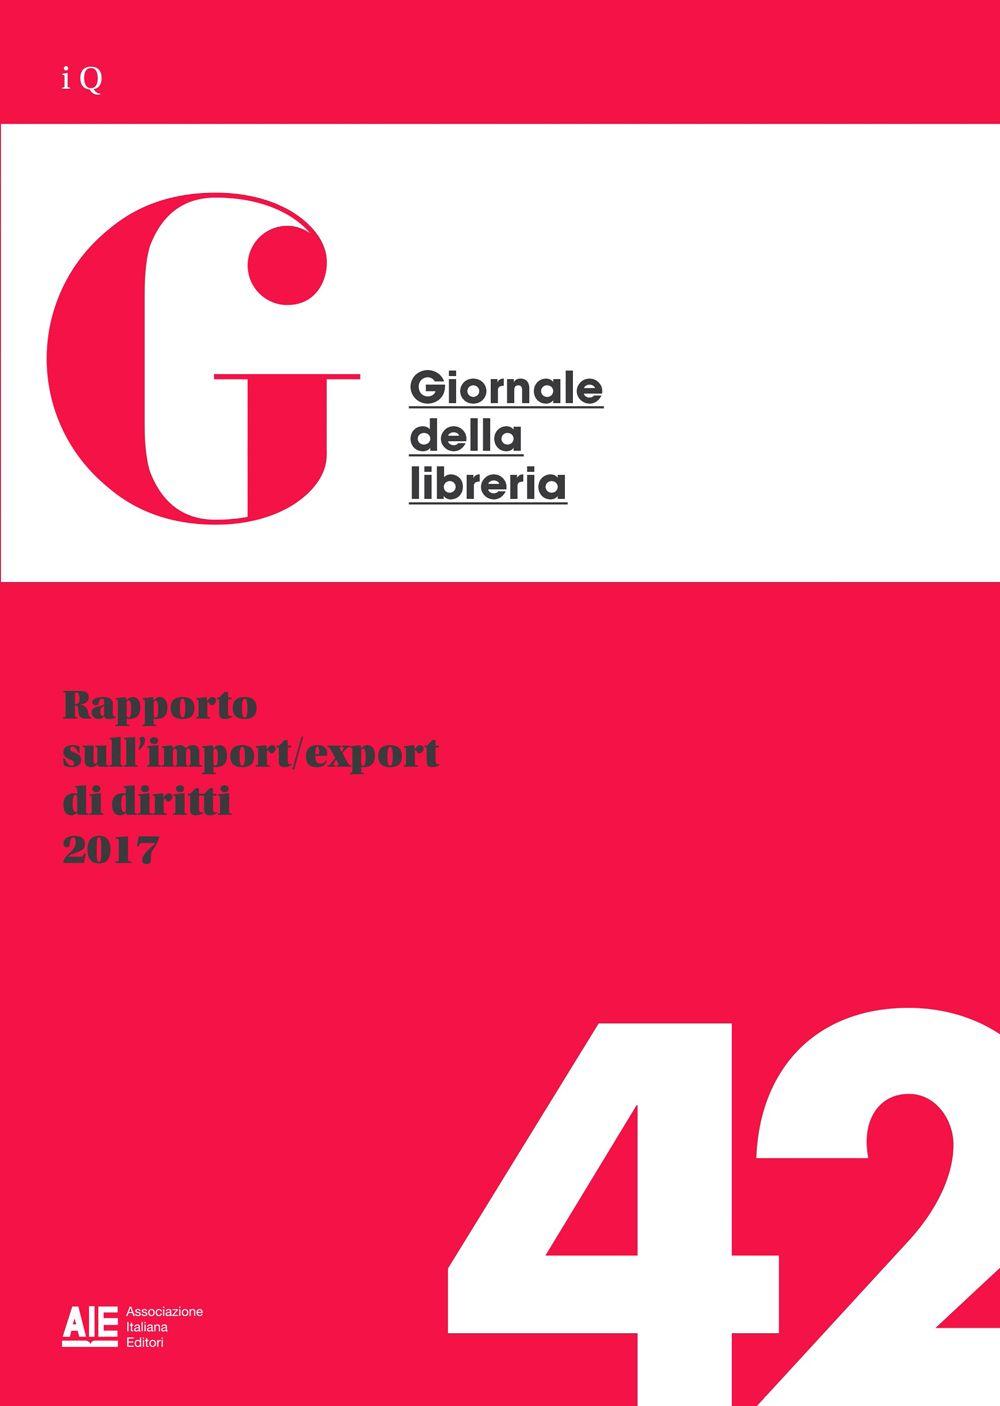 Rapporto sull'import/export di diritti 2017